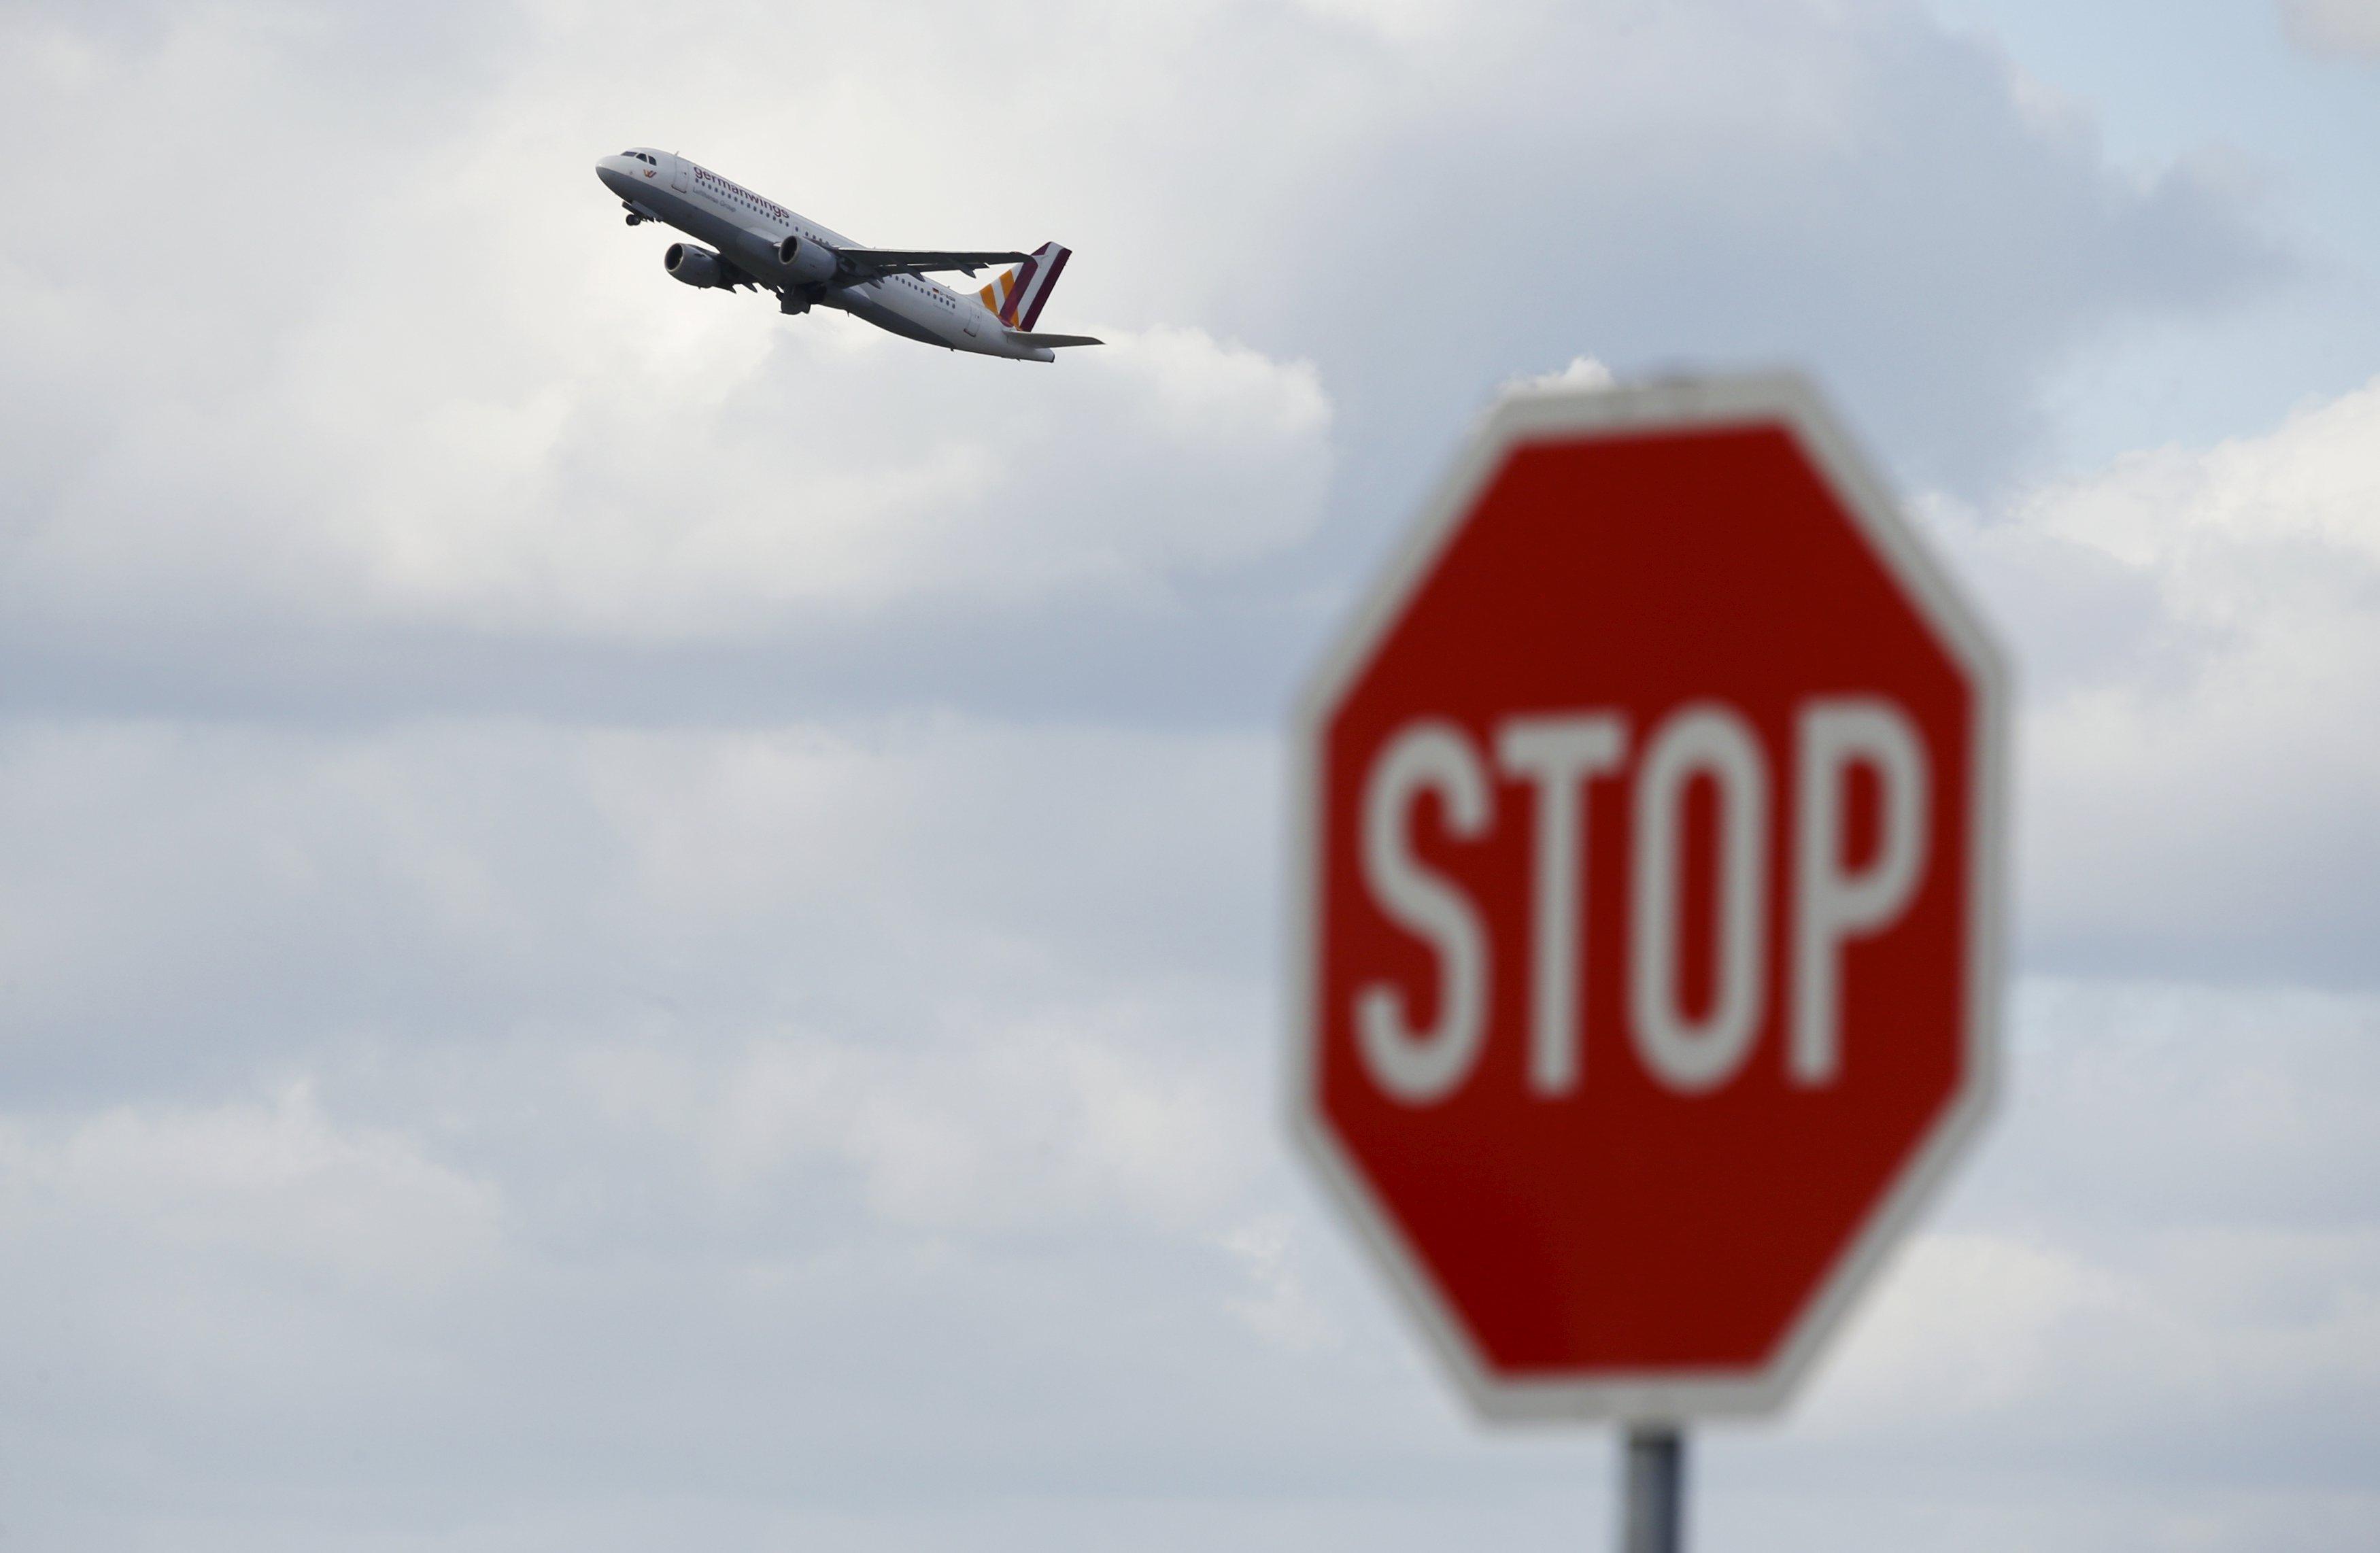 Αργεντινή: Holding το αεροπλάνο λόγω απουσίας του ελεγκτή πύργου | tovima.gr